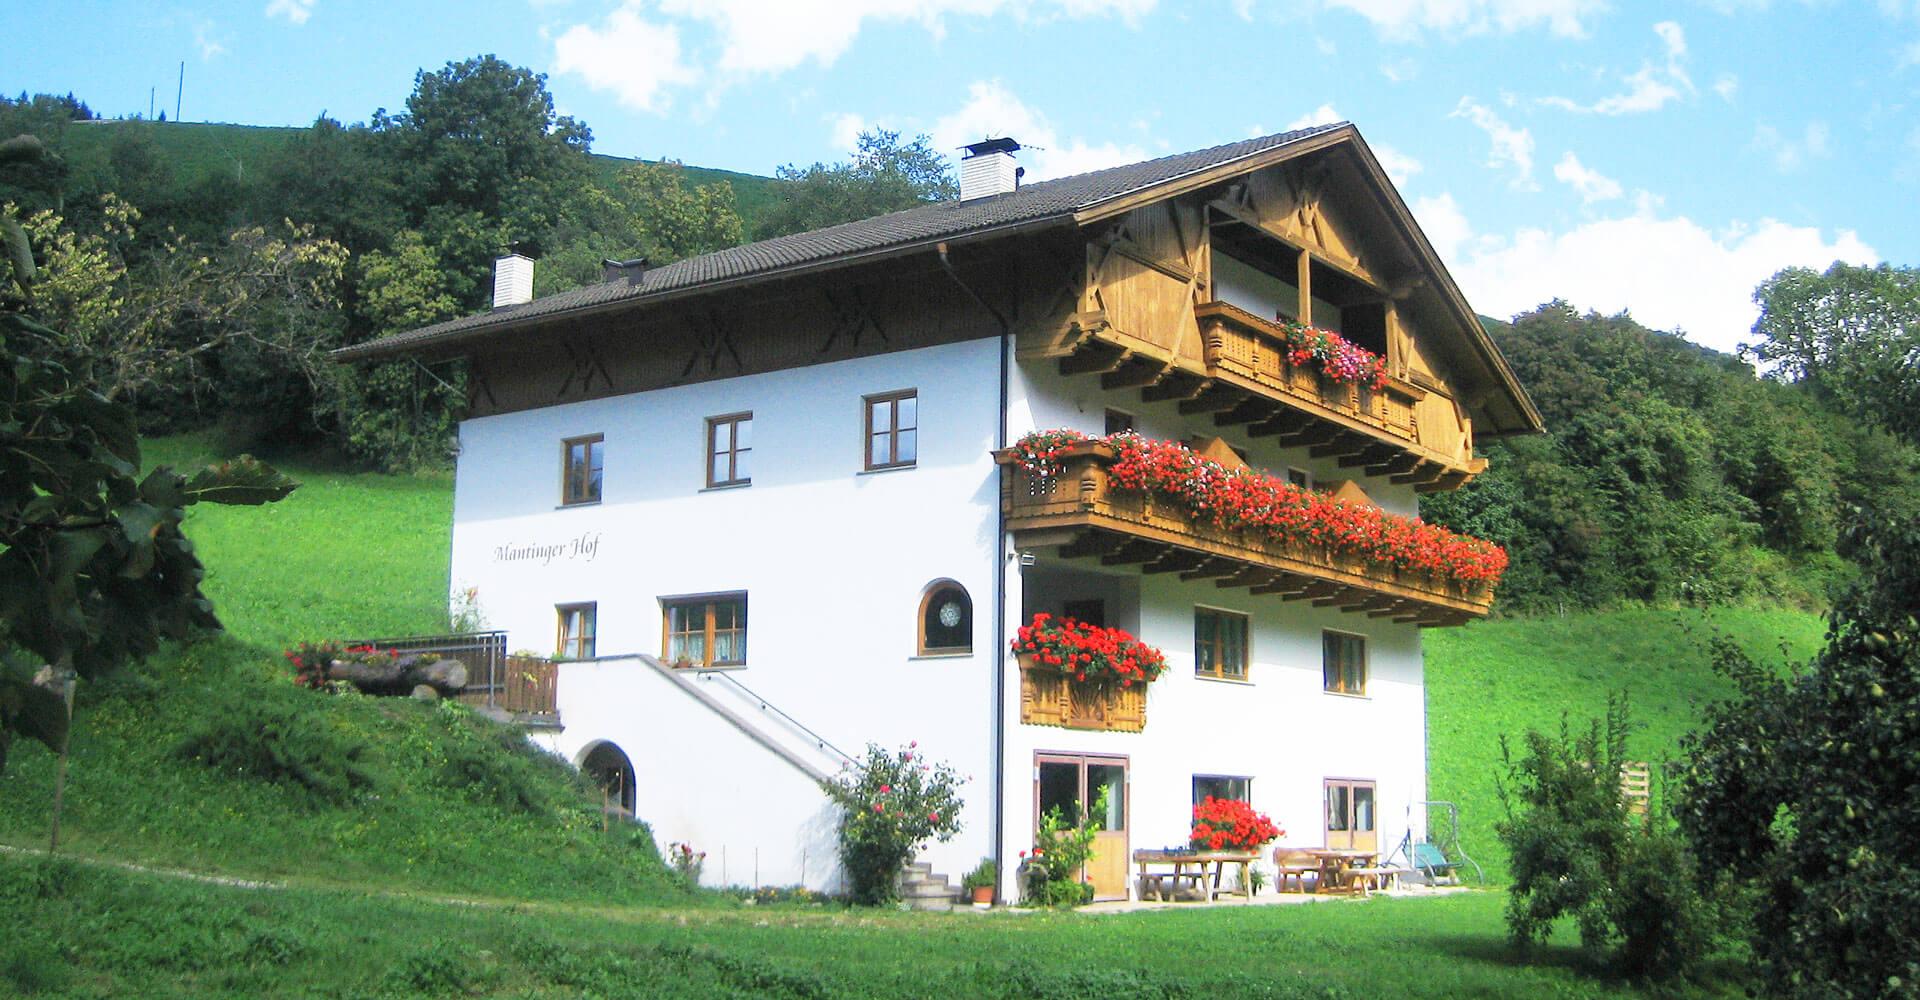 Urlaub auf dem Bauernhof in Funes / Südtirol